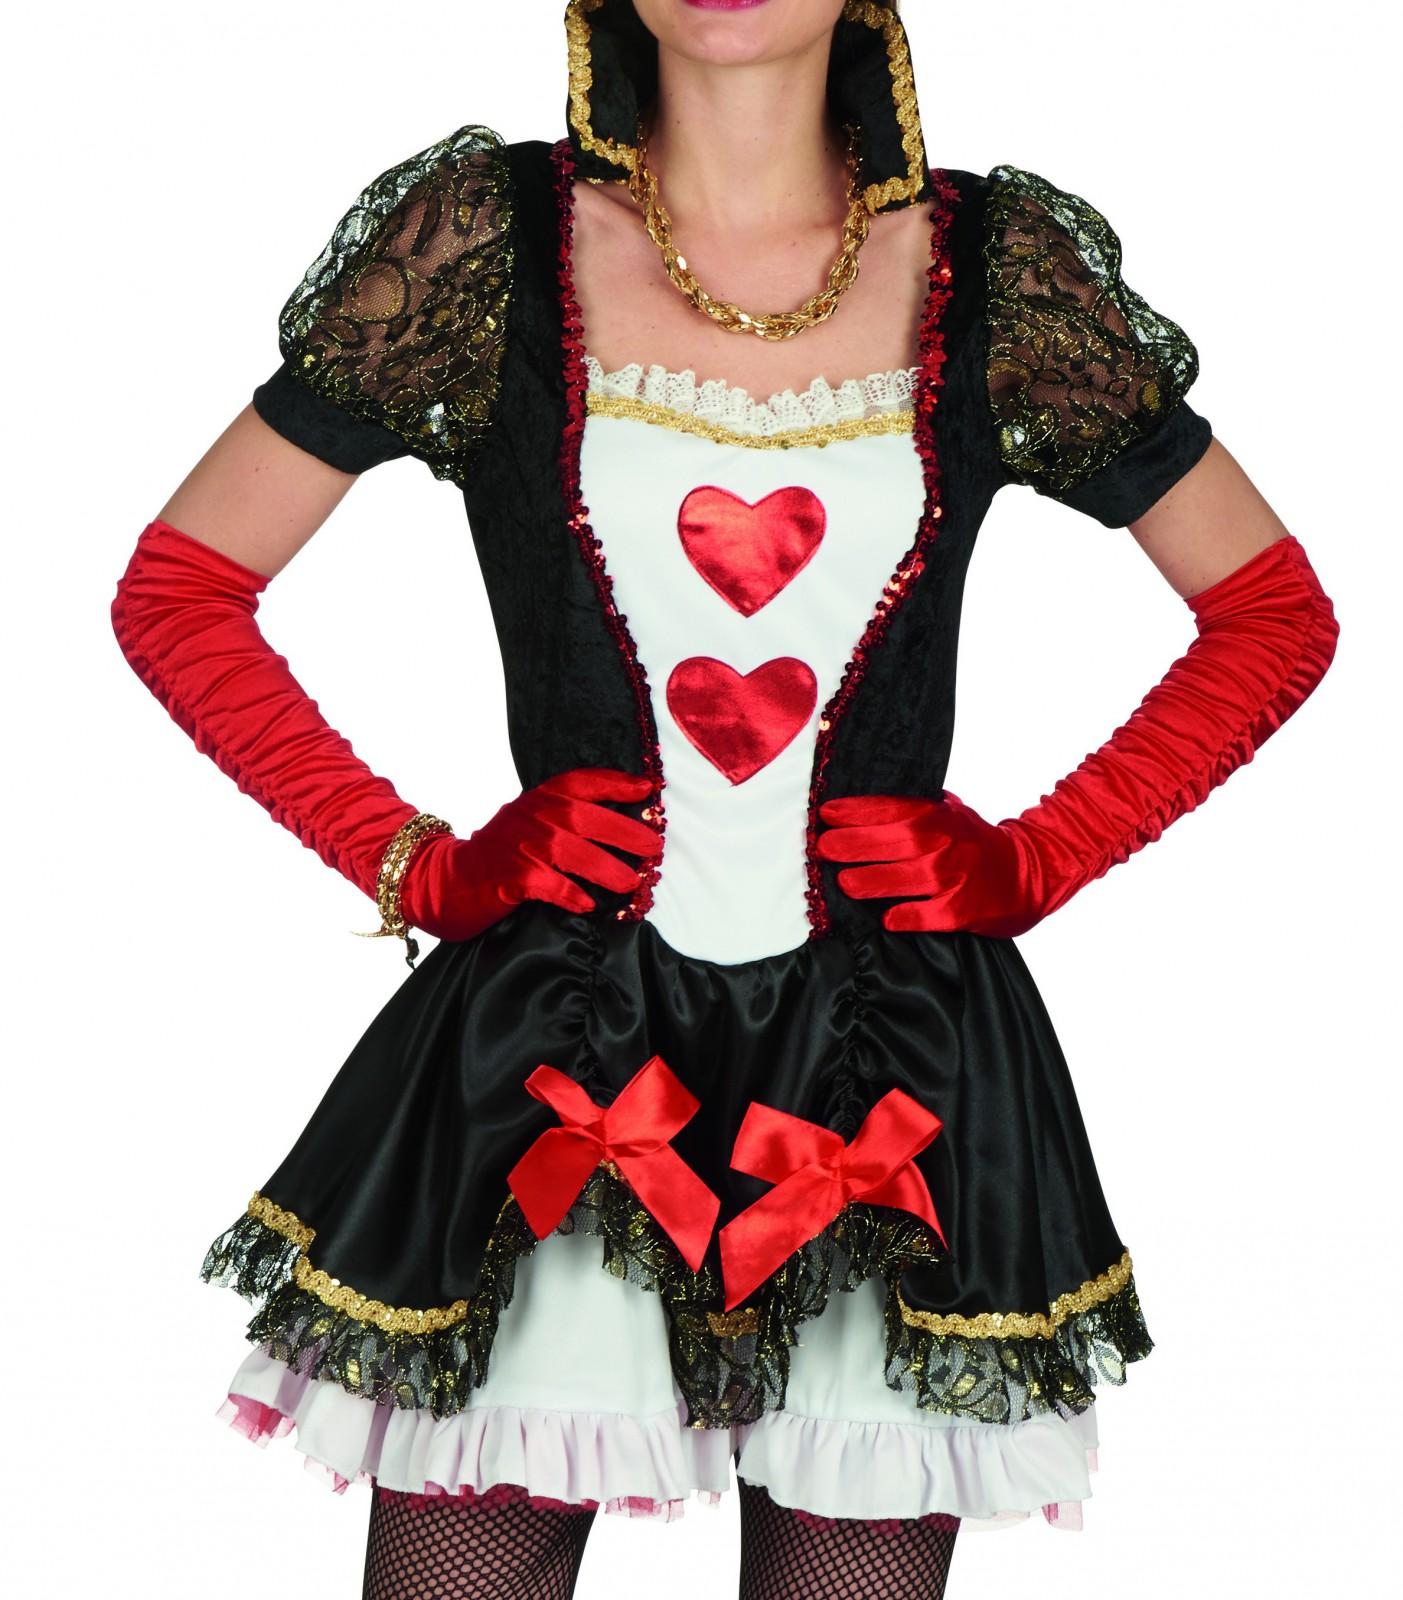 Kostum Rote Konigin Herz Dame Herzkleid M Haarreif Gr 32 42 Marchen